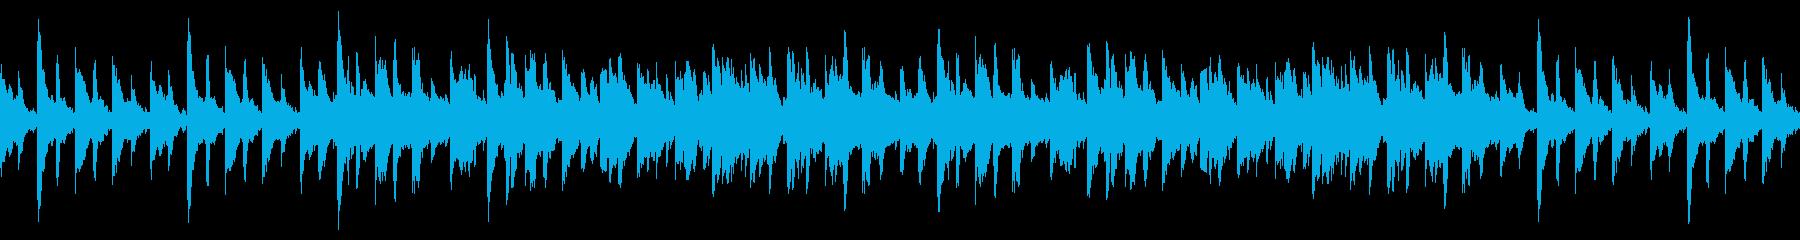 ドラマアニメ、劇伴用ピアノ曲1の再生済みの波形